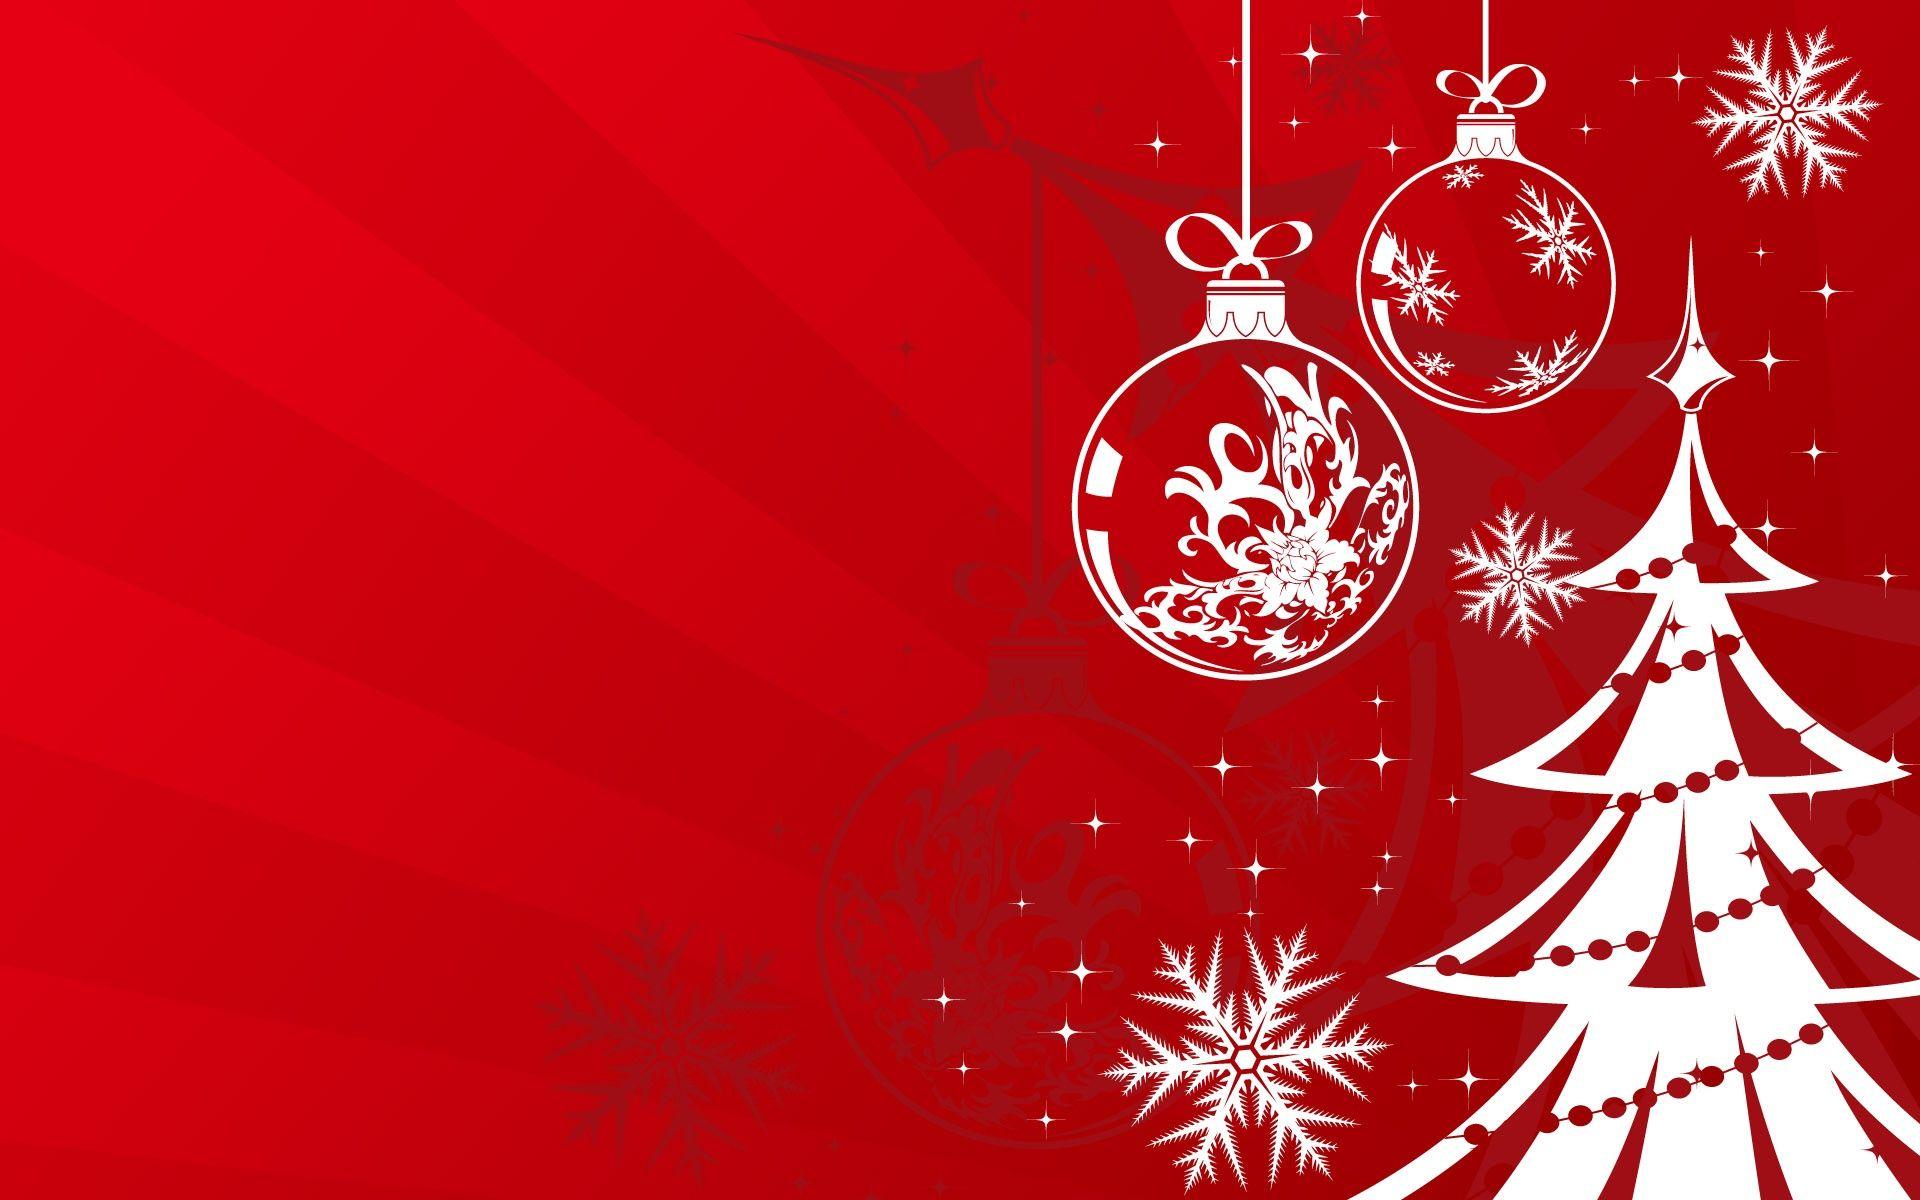 Anche Quest Anno E Gia Natale.Anche Quest Anno E Gia Natale Di Andrea Mingardi Testo E Testo Con Accordi E Video Blog